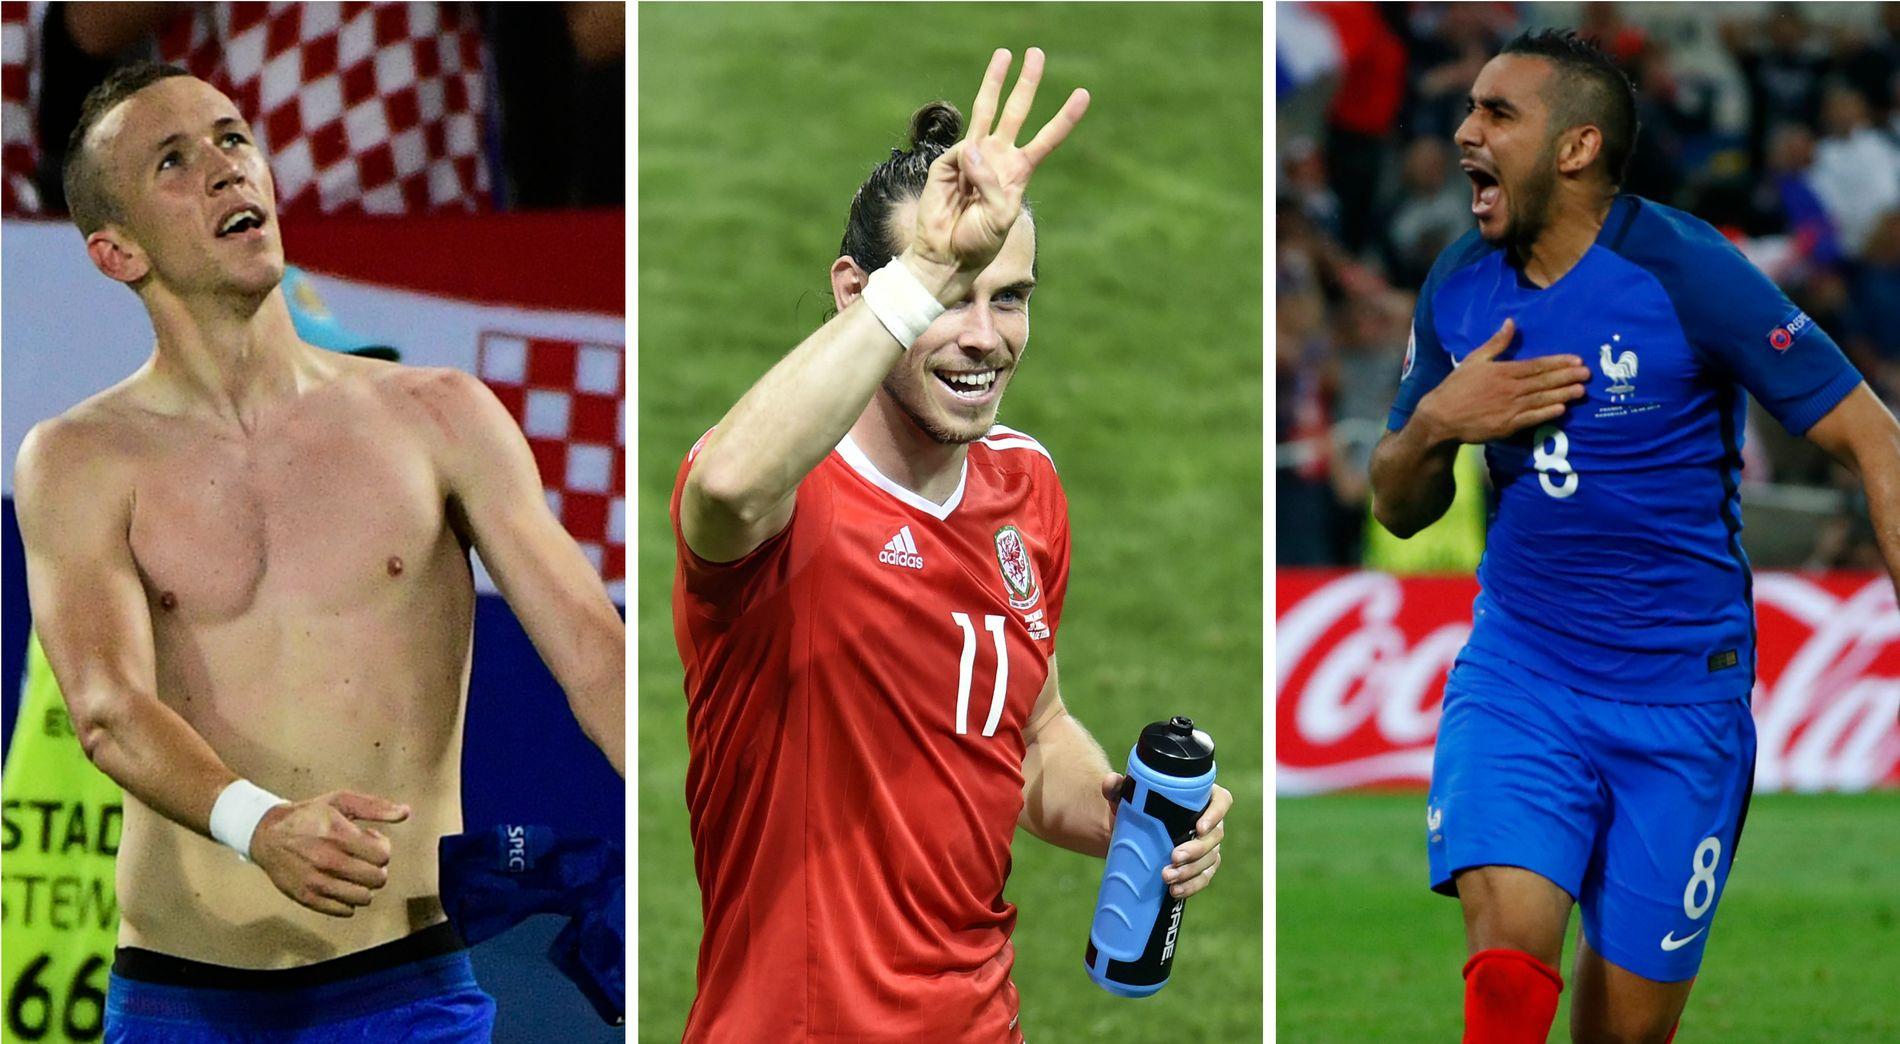 STJERNETRIO: Ivan Perisic, her etter sin scoring mot Spania, Gareth Bale, som feirer mål mot Russland, og Dimitri Payet, som jubler for mål mot Albania, har vært tre av EMs største profiler så langt, mener ekspertene.